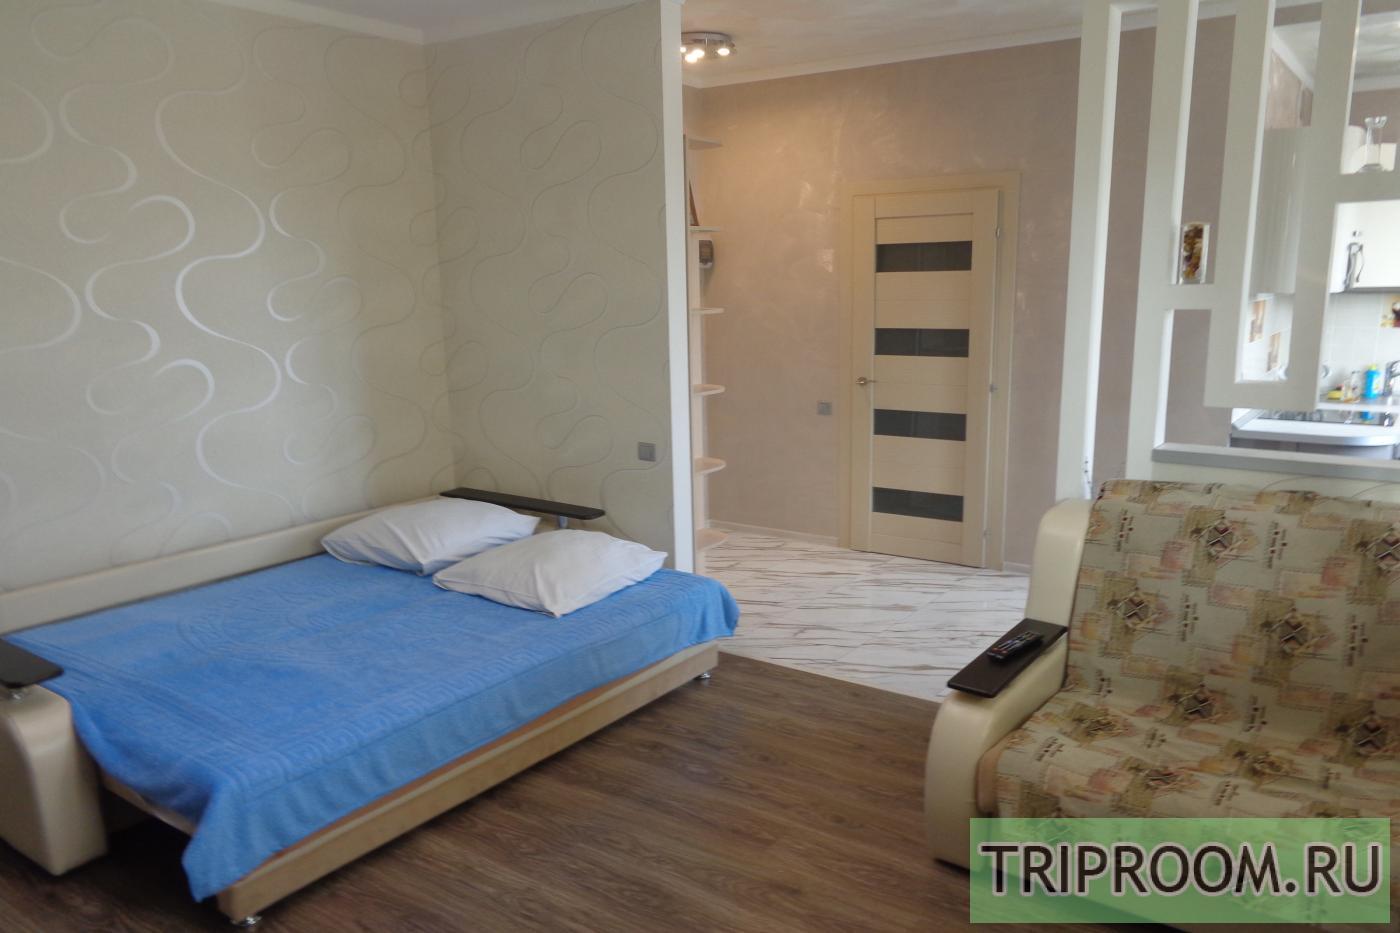 1-комнатная квартира посуточно (вариант № 10283), ул. Красноармейская улица, фото № 5